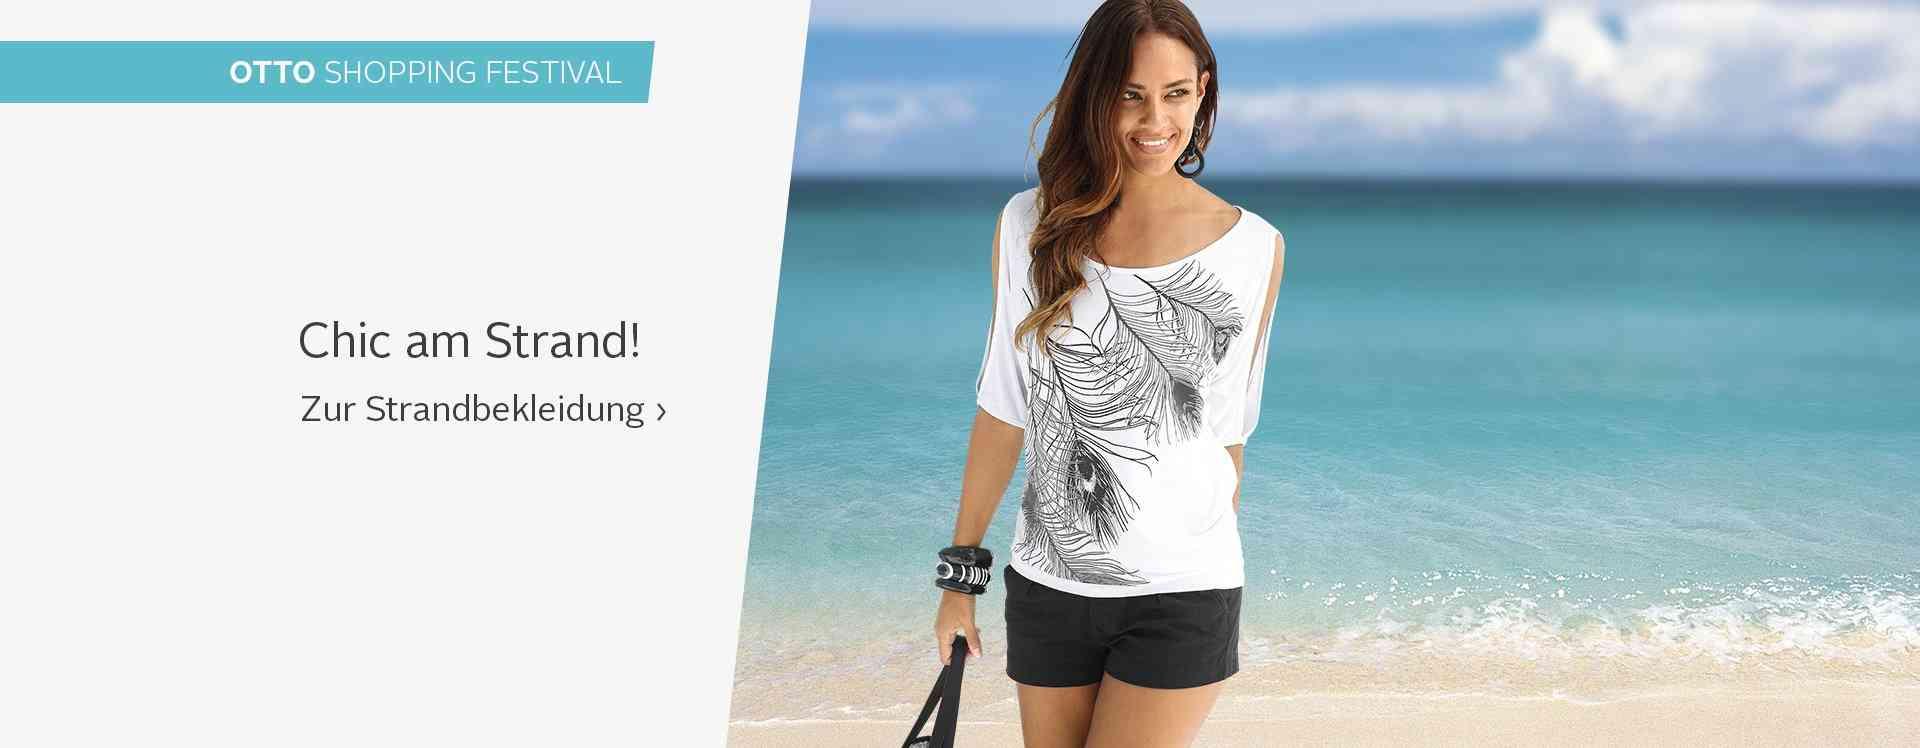 Lust auf Sommer? Perfektionieren Sie Ihren Beach-Look mit unserer luftig leichten Strandmode. Wunderbar leichte Sommerstoffe in schönen Designs und tollen Farben. Entdecken Sie unsere Strandmode.